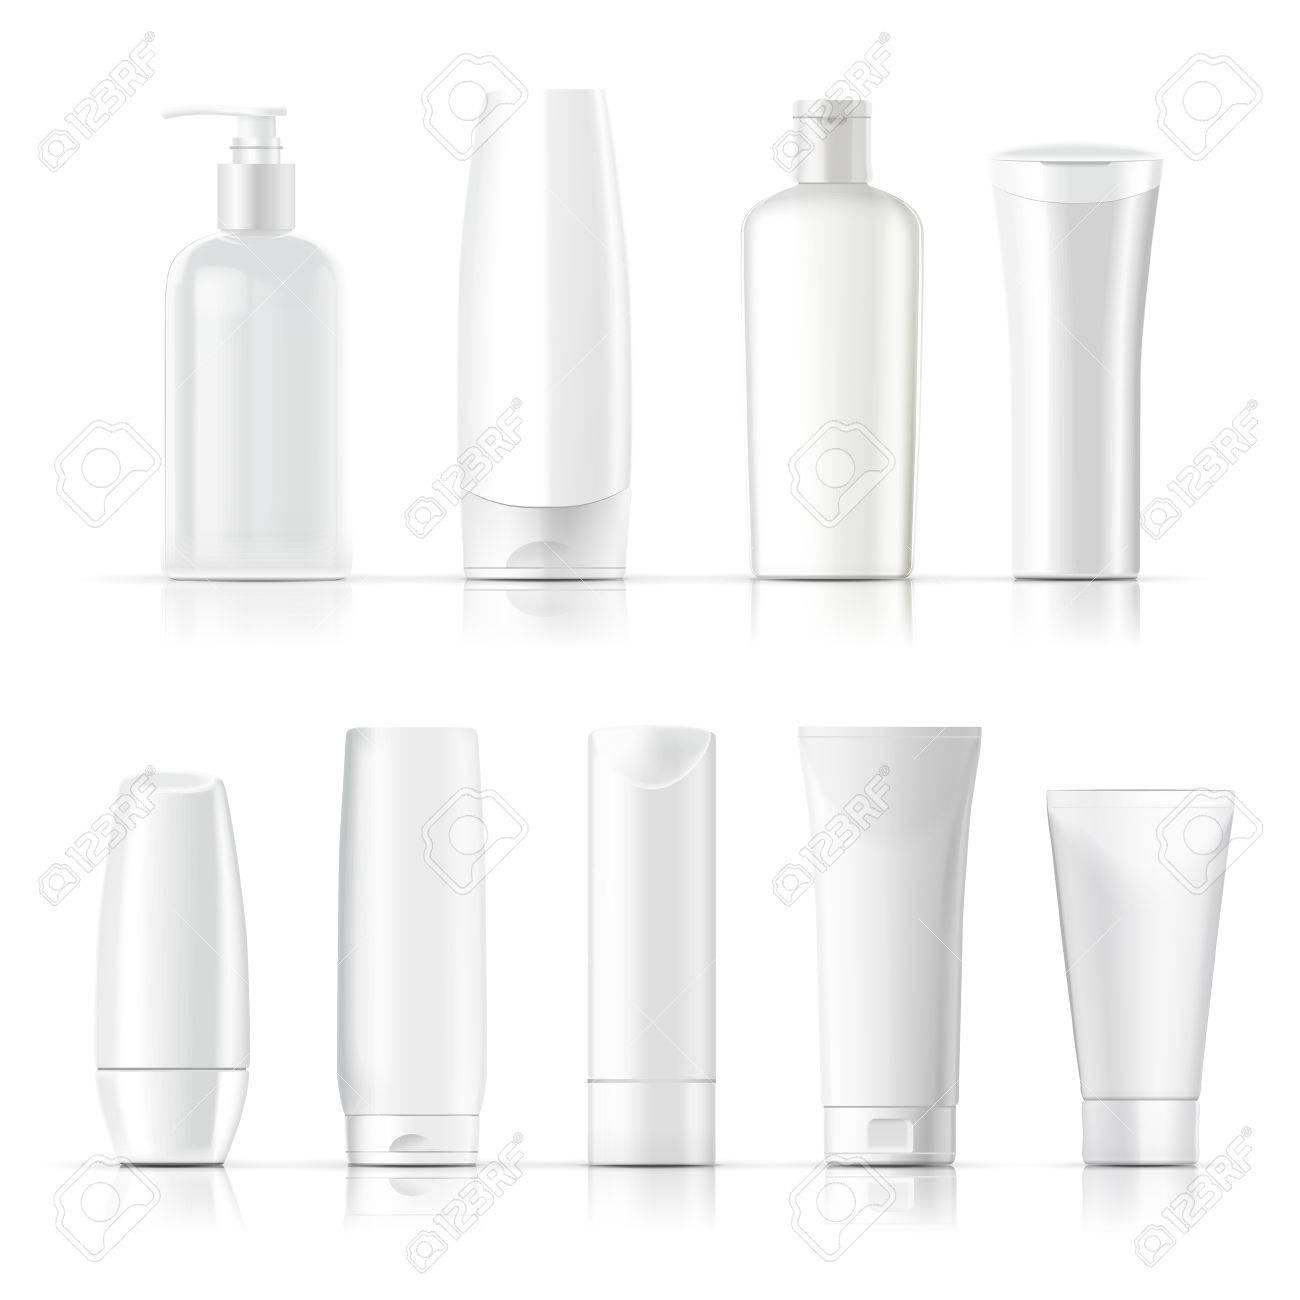 1e89bcb13a5e9 Blanco conjunto de recopilación paquete cosmético aislado en el fondo  blanco Foto de archivo - 48374025